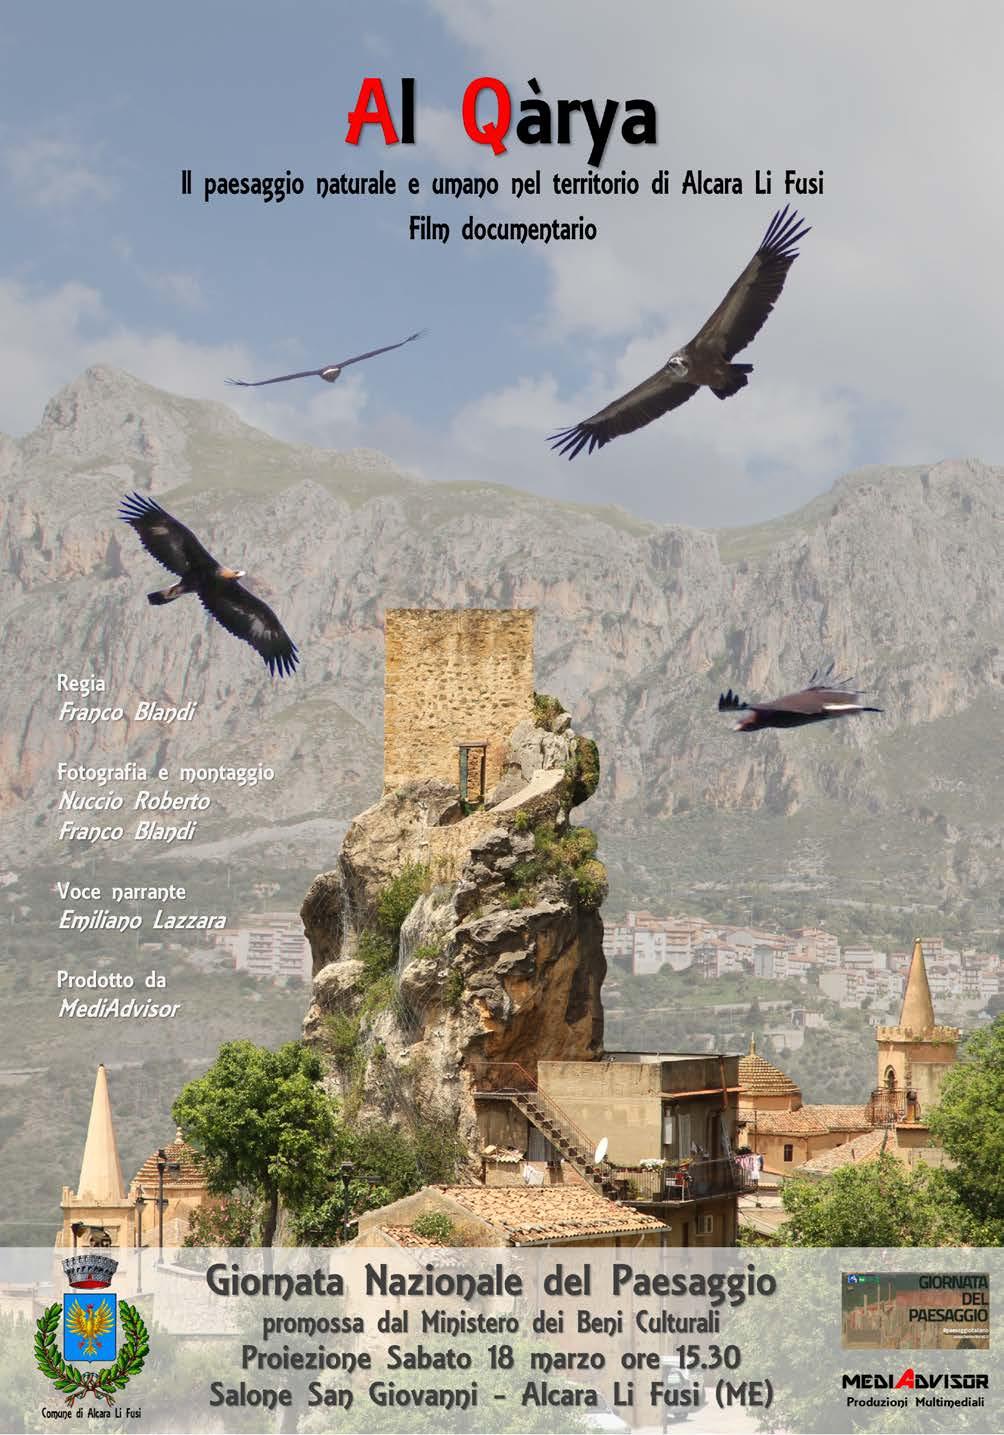 ALCARA LI FUSI  Al Qrya il paesaggio naturale e umano nel territorio di Alcara Li Fusi